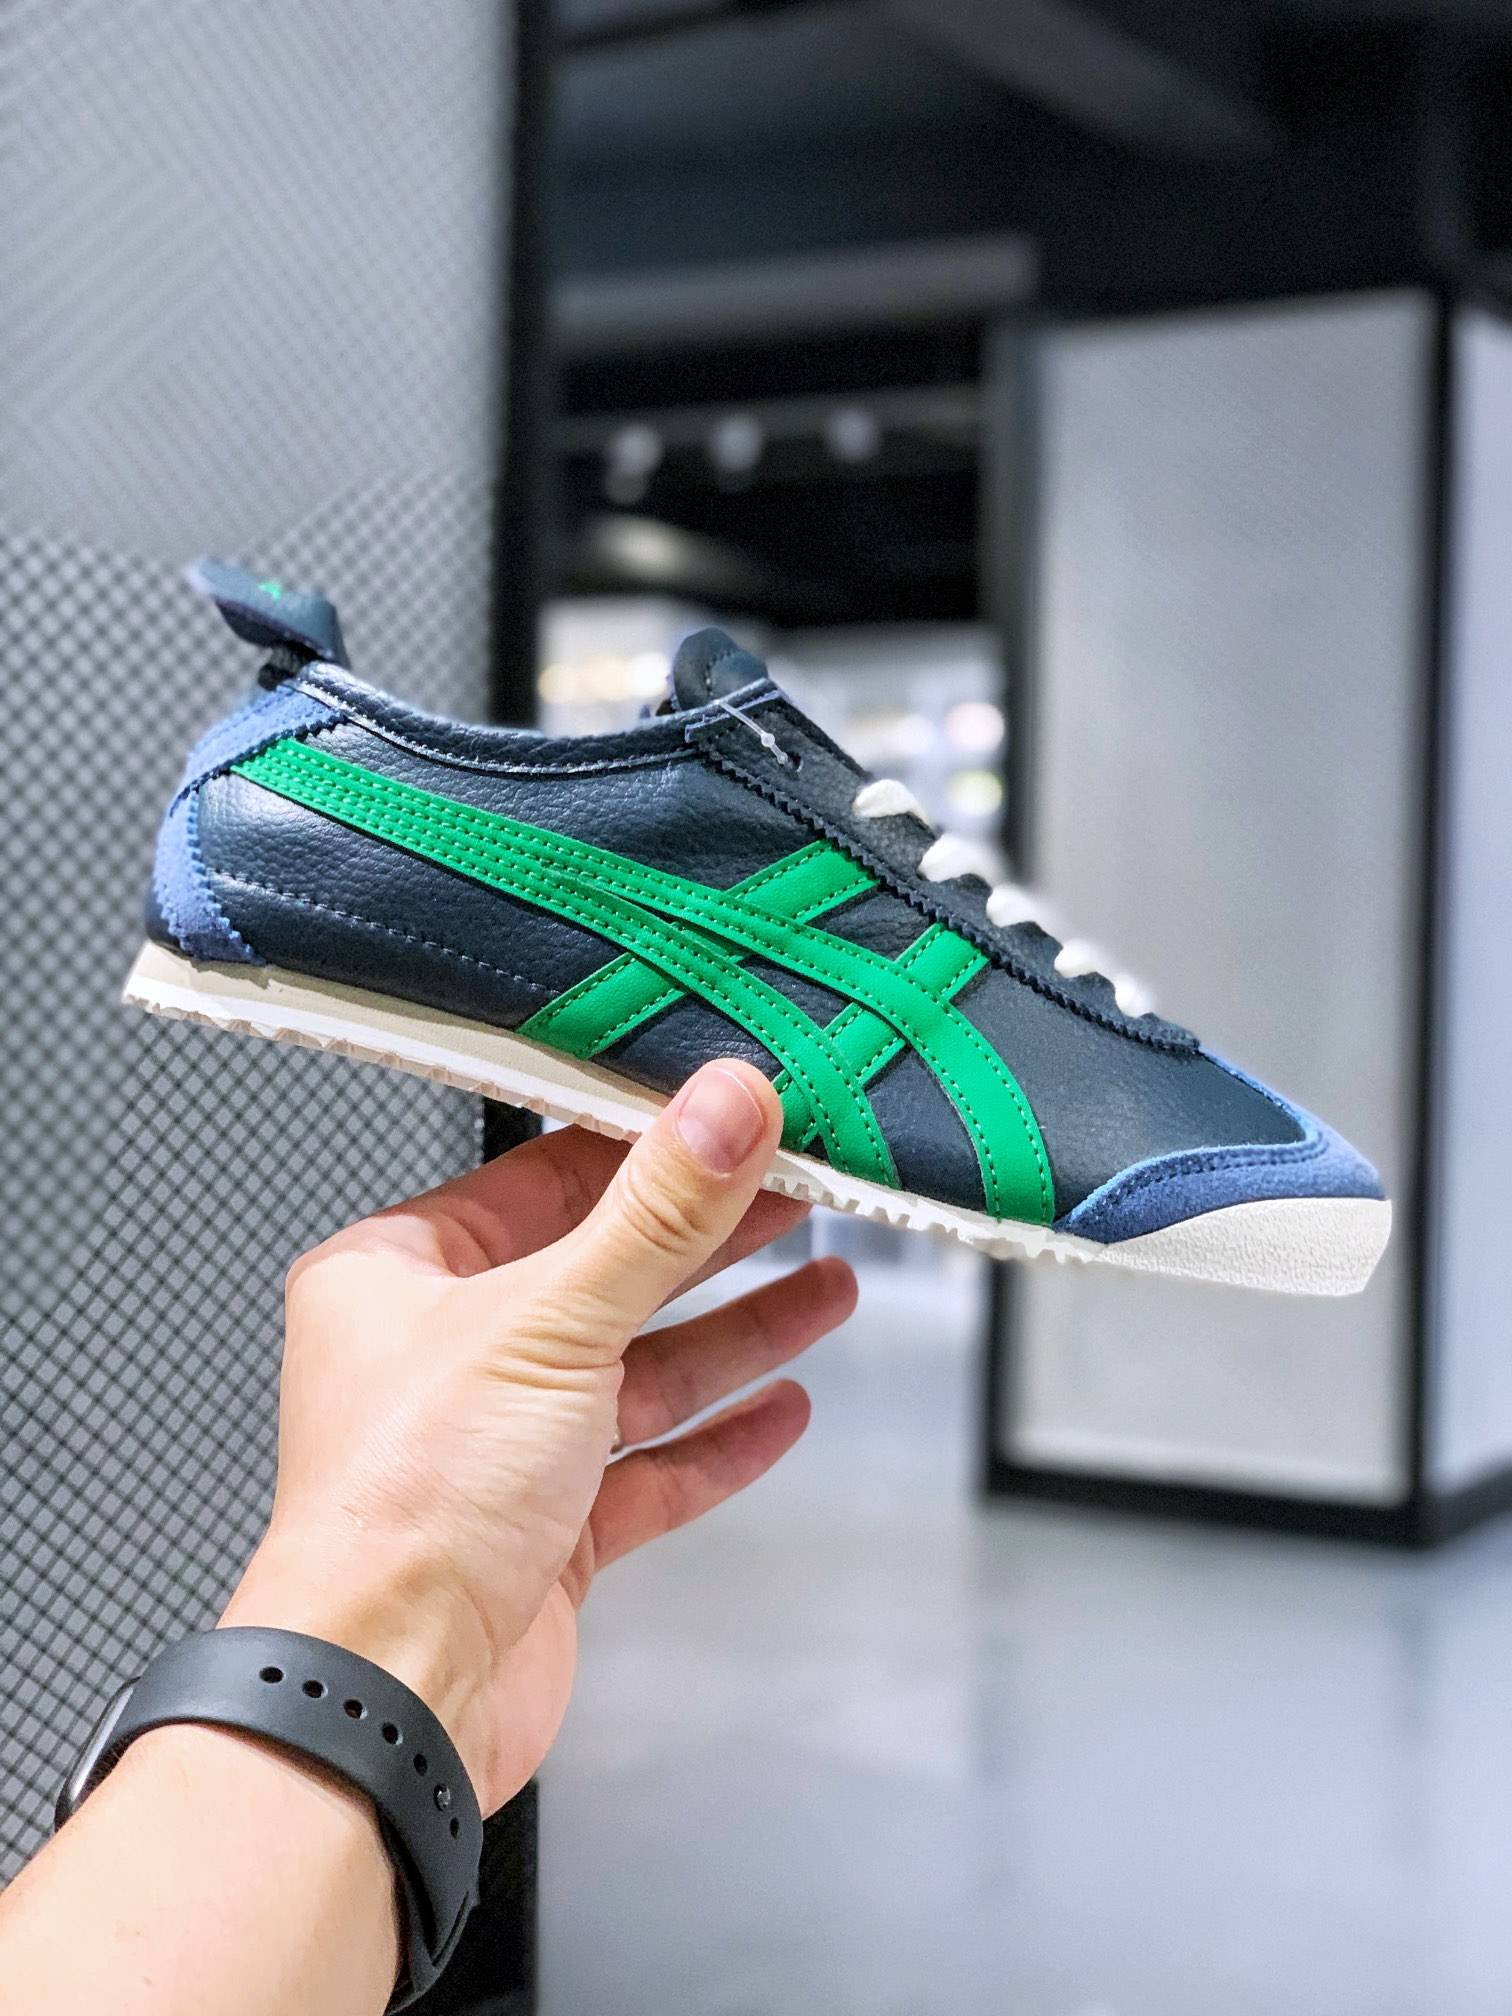 空军一号, 板鞋, 休闲板鞋, Nike Air Force 1, Air Force 1